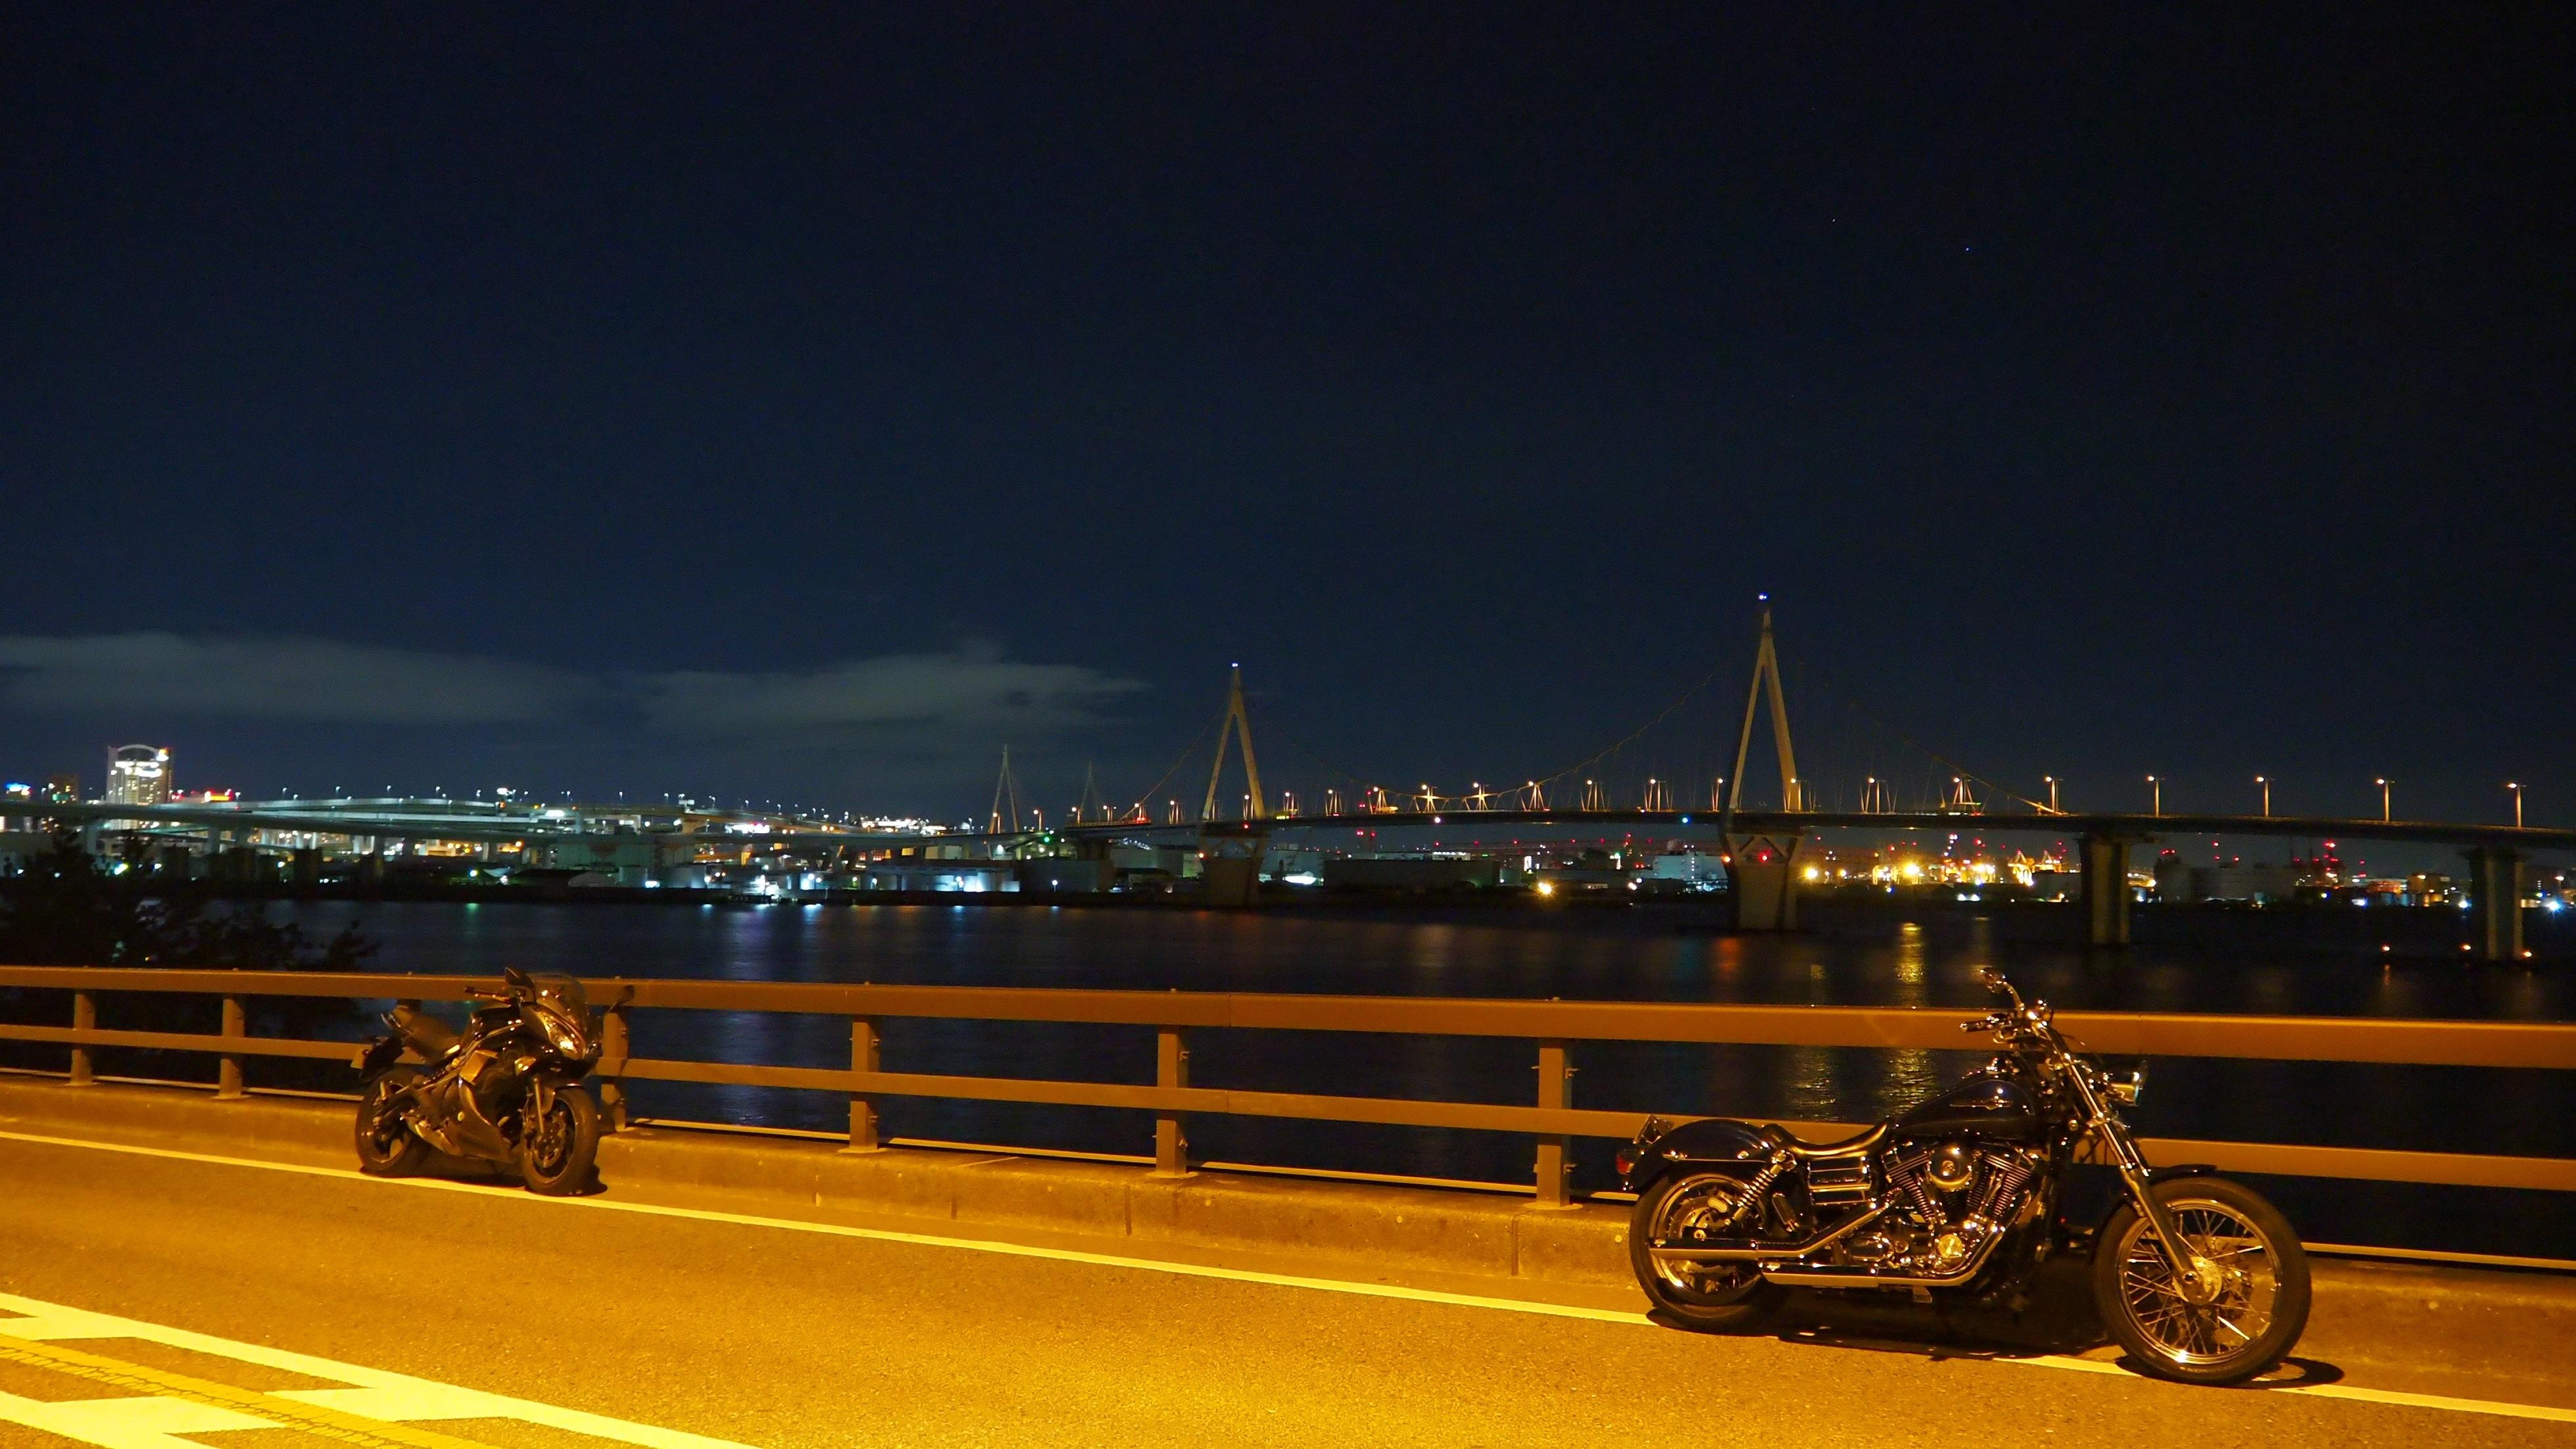 ぴーきち&ダイナ 大阪ナイトツーリング 大阪湾 橋からの夜景